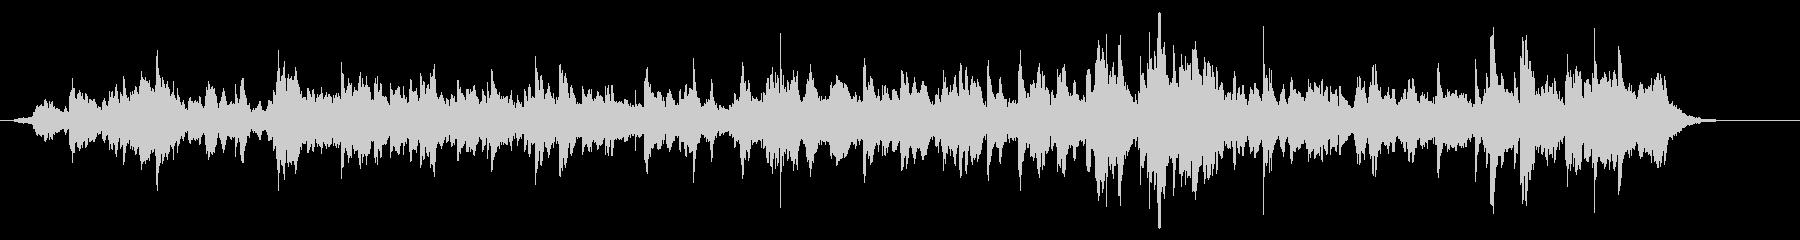 ベル キラキラ リバーブの未再生の波形